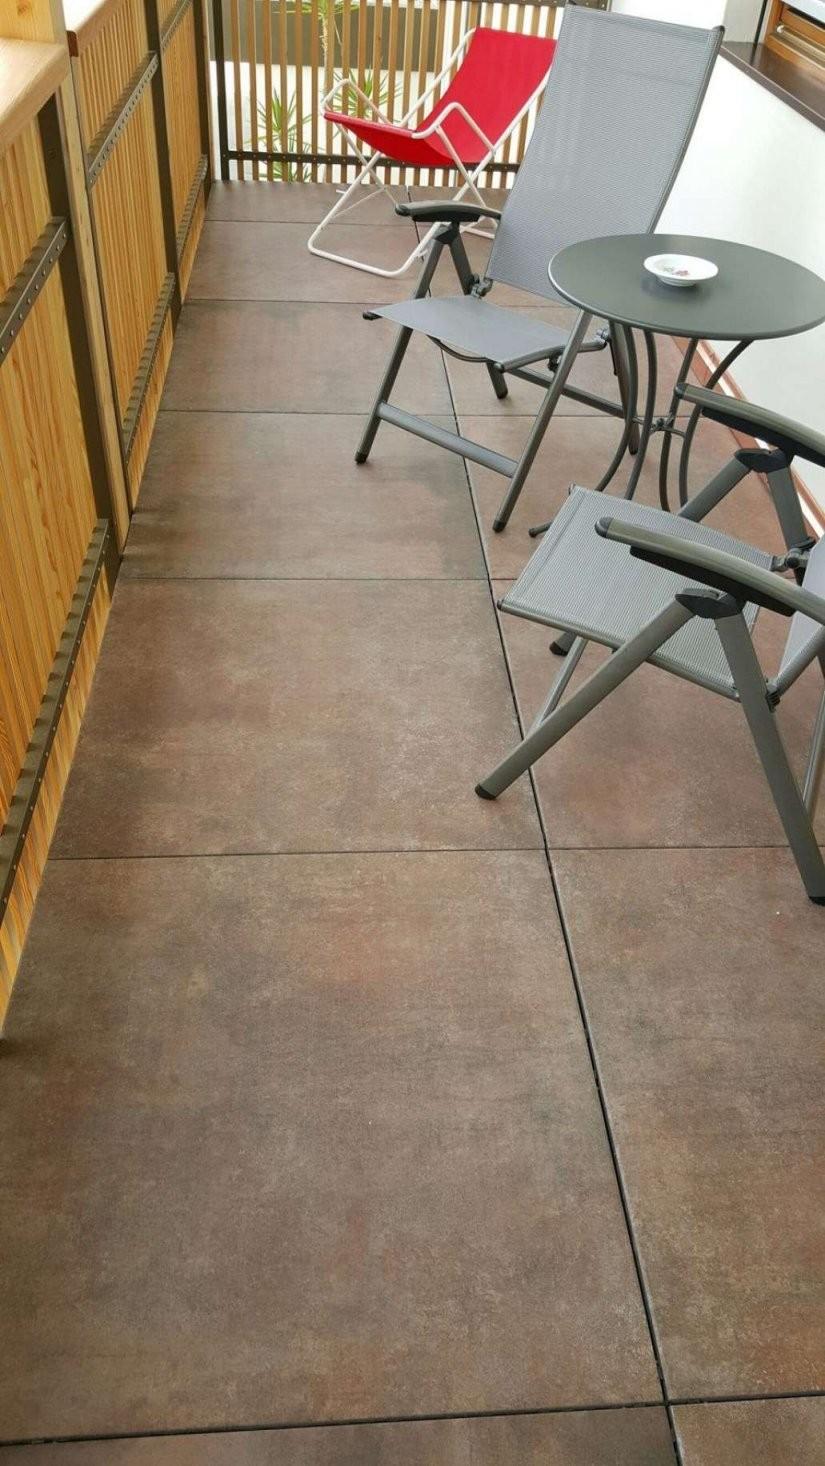 Ideen 45 Für Pvc Boden Für Balkon Geeignet von Pvc Boden Für Balkon Photo